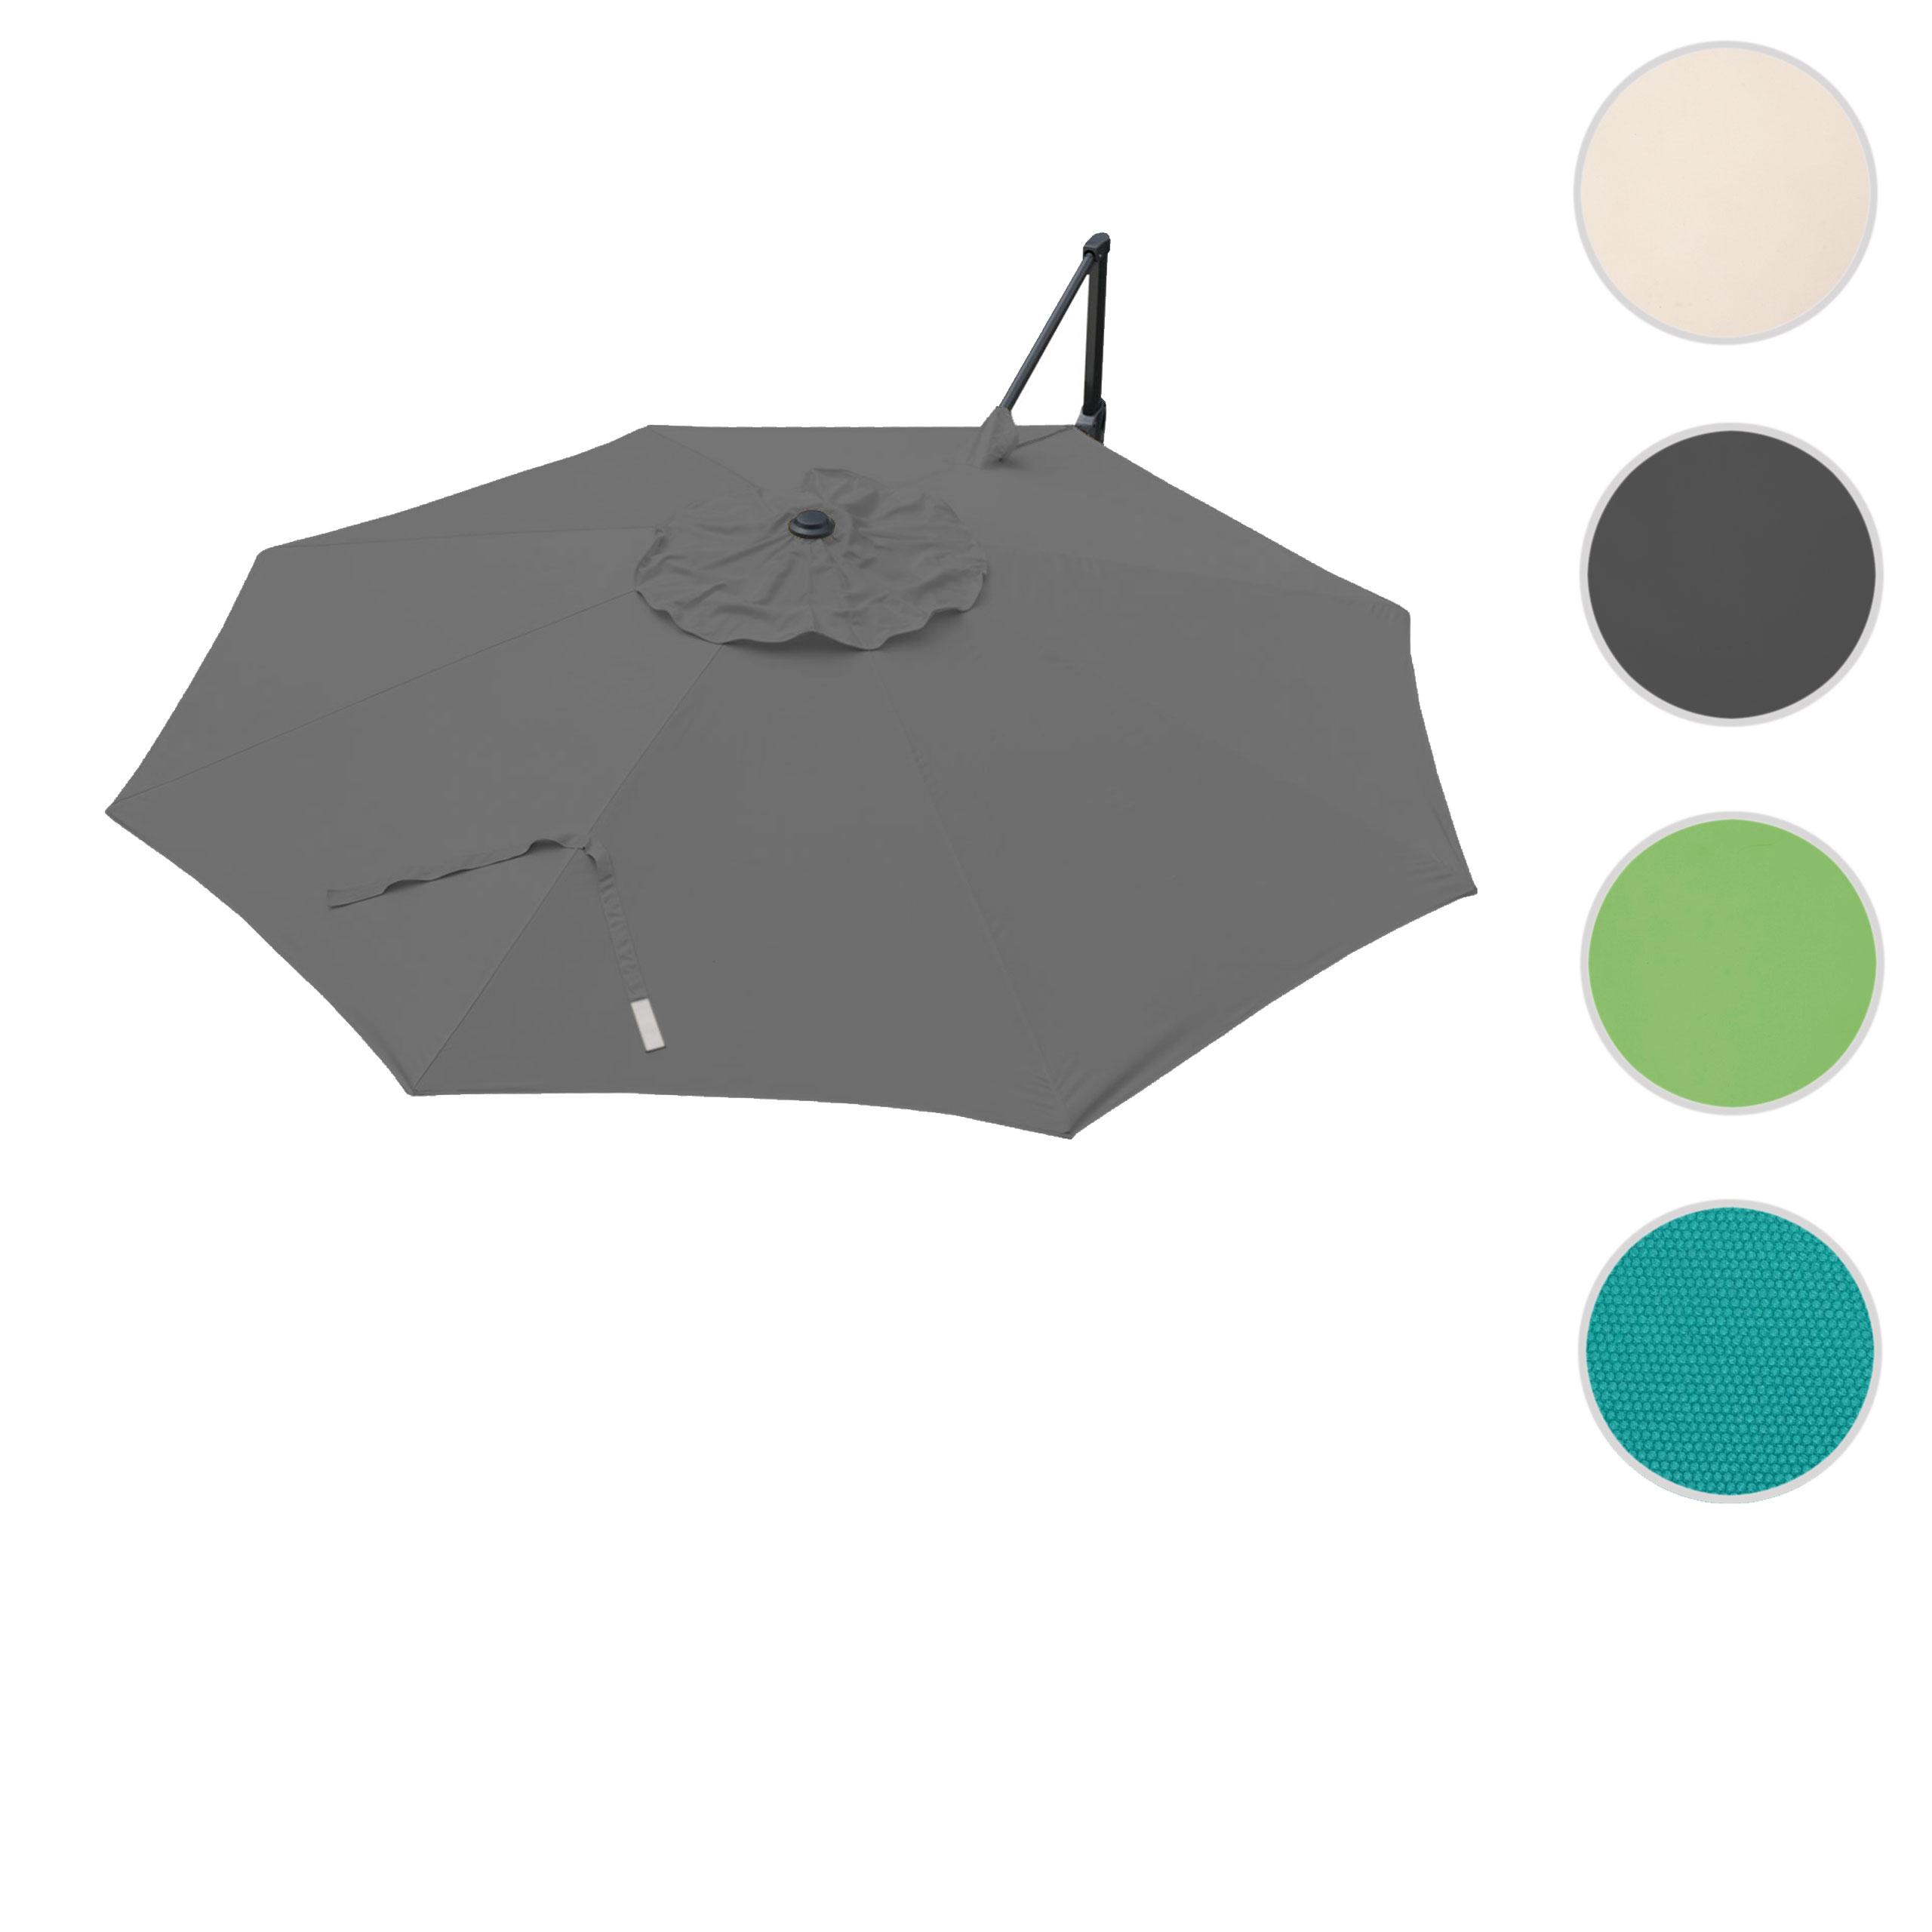 Mendler Bezug für Ampelschirm HWC-A39, Sonnenschirmbezug Ersatzbezug, Ř 3,5m Polyester 250g/m˛ ~ Variantenan 75878